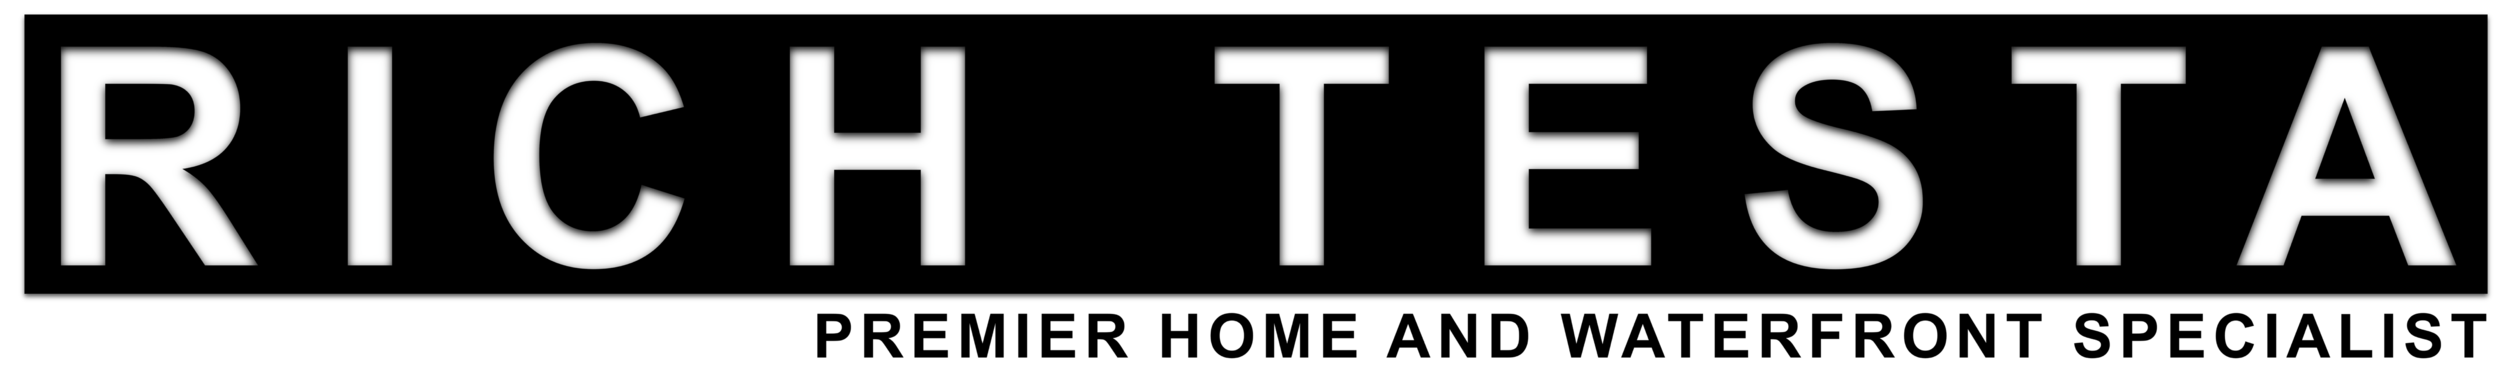 Logo Rich Testa - Web PNG.png